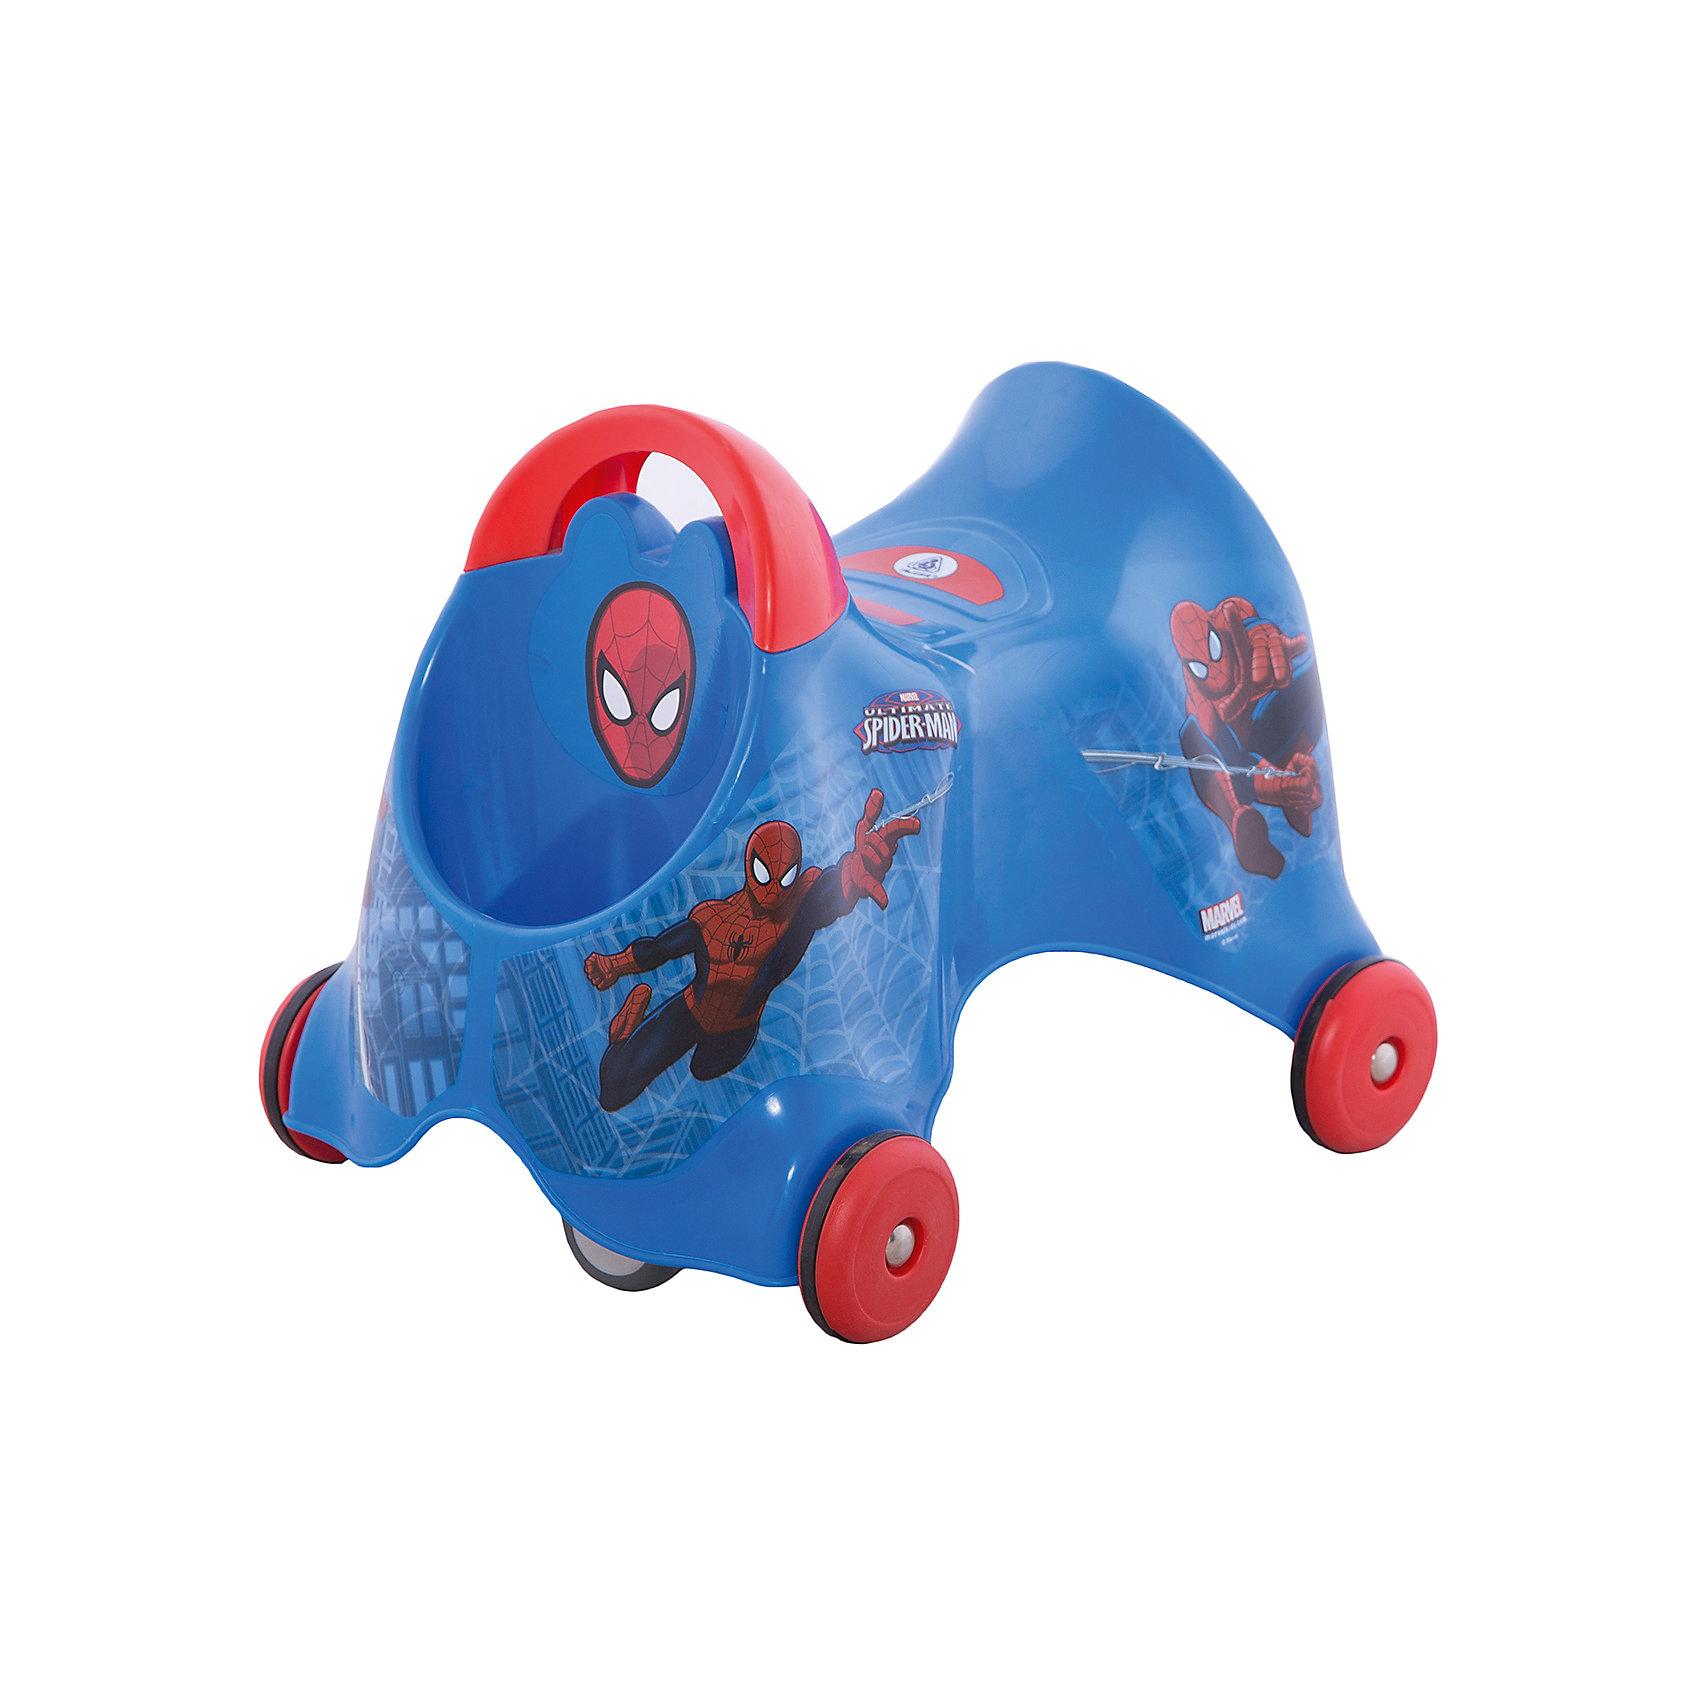 Каталка Человек-Паук, InjusaМашинки-каталки<br>Эта каталка разработана специально для самых маленьких. Она поможет малышам делать свои первые шаги! С помощью каталки ребенок будет активнее изучать окружающий мир и развить чувство равновесия, координацию и моторику, учиться правильно использовать пространство. Благодаря четырем колесам, малыш сможет двигаться вперед-назад, а пятое двойное колесо поможет ребенку самому учиться поворачивать. Скорость движения зависит от движения ног ребенка.<br>Каталка выполнена в яркой расцветке, она произведена из высококачественных материалов. Эти материалы безопасны для ребенка. На каталке есть небольшой багажник. Она очень легко моется и весит всего один килограмм. Каталка украшена изображением Человека-Паука, которого так любят мальчишки.<br><br>Дополнительная информация:<br><br>цвет: синий;<br>материал: пластик;<br>размер: 30*42*31 см;<br>вес: 1 кг.<br><br>Каталку Человек-Паук от марки Injusa можно купить в нашем магазине.<br><br>Ширина мм: 300<br>Глубина мм: 420<br>Высота мм: 310<br>Вес г: 8450<br>Возраст от месяцев: 180<br>Возраст до месяцев: 36<br>Пол: Мужской<br>Возраст: Детский<br>SKU: 4715380